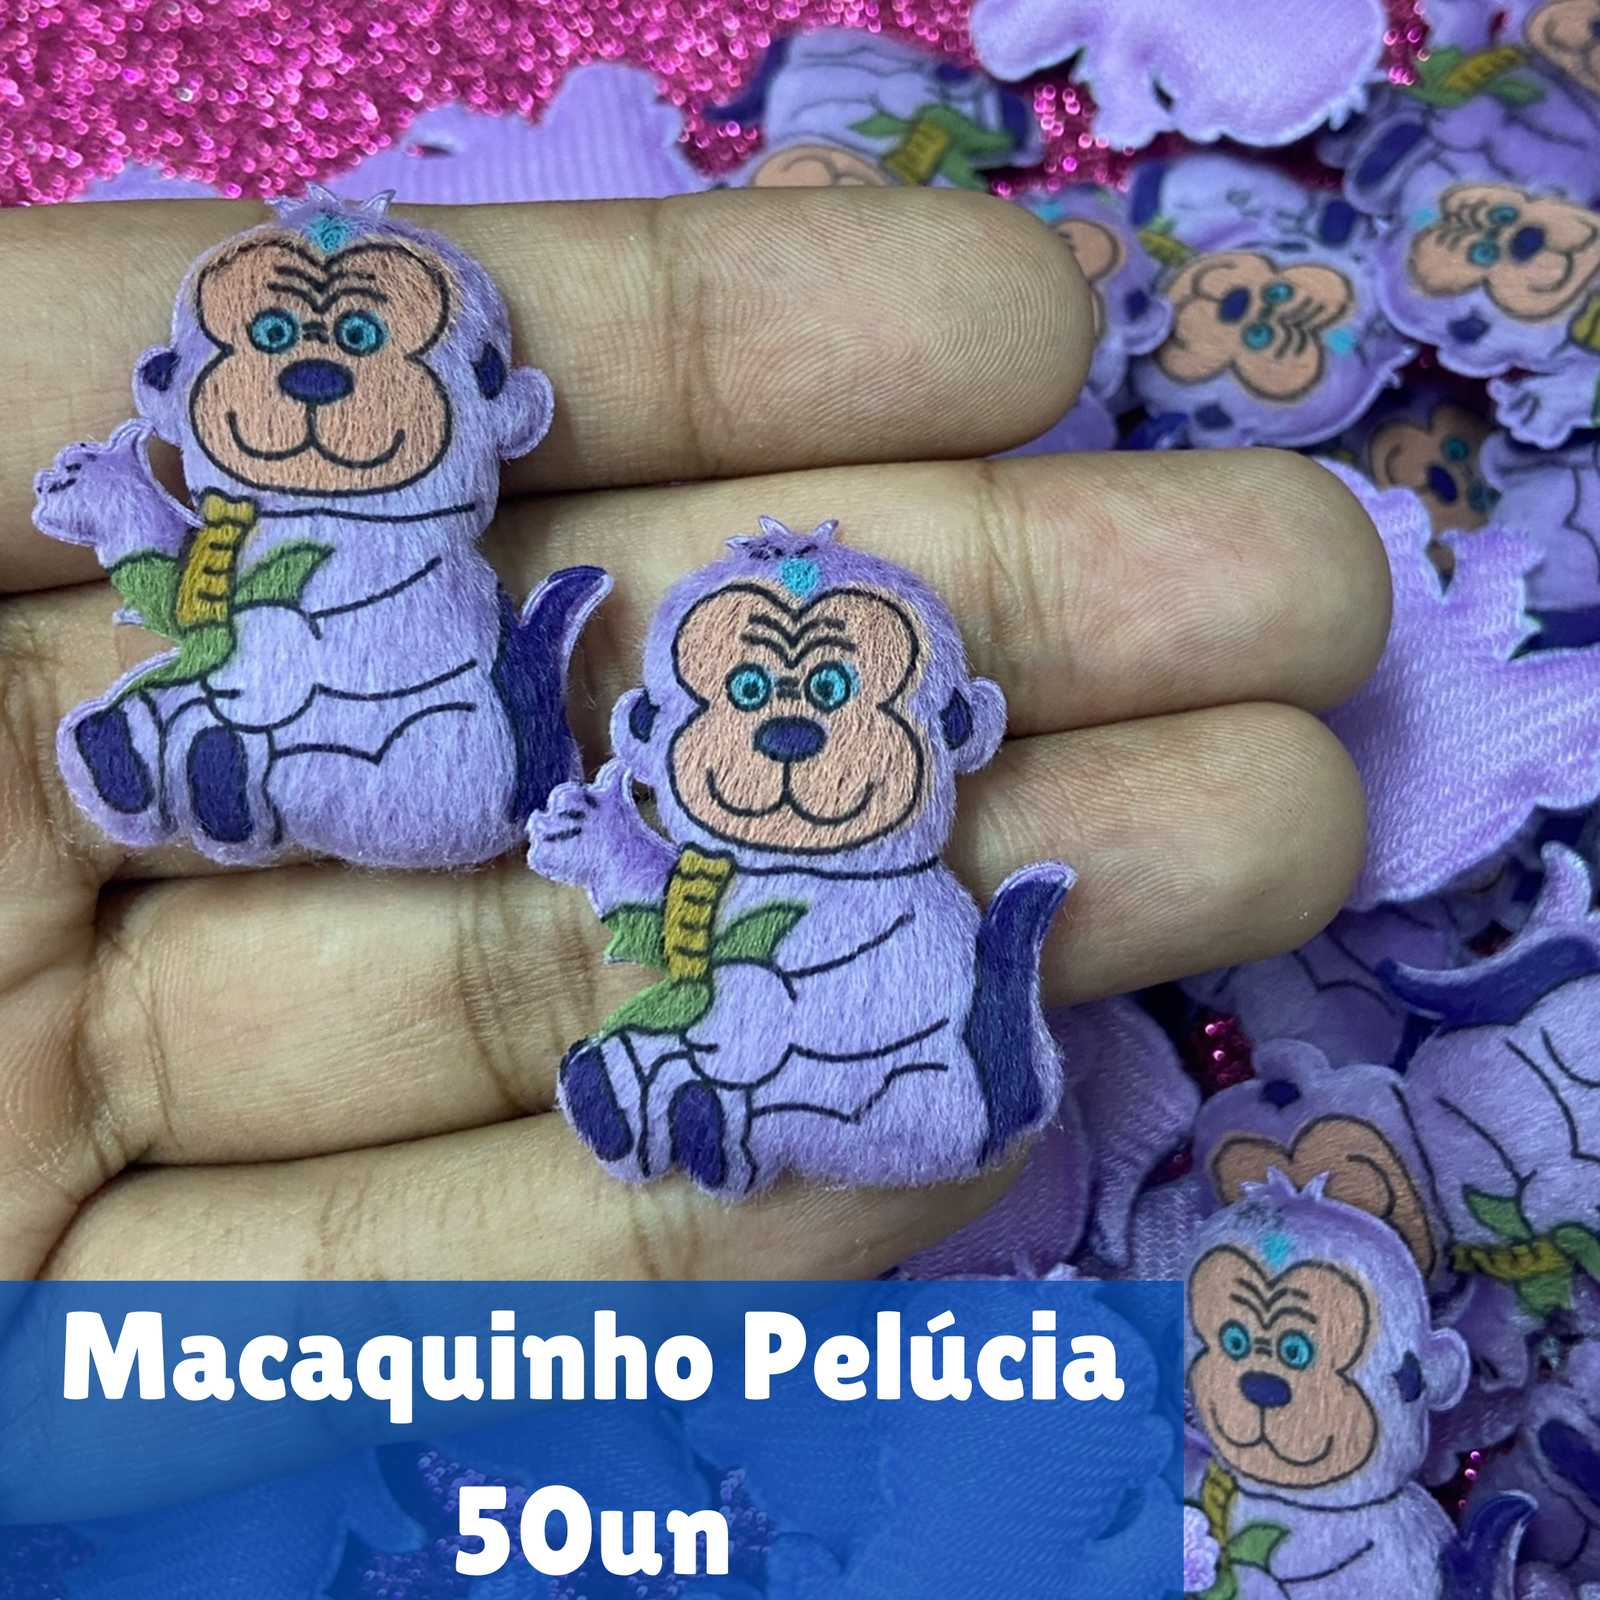 Macaquinho Pelúcia - 50 unidades